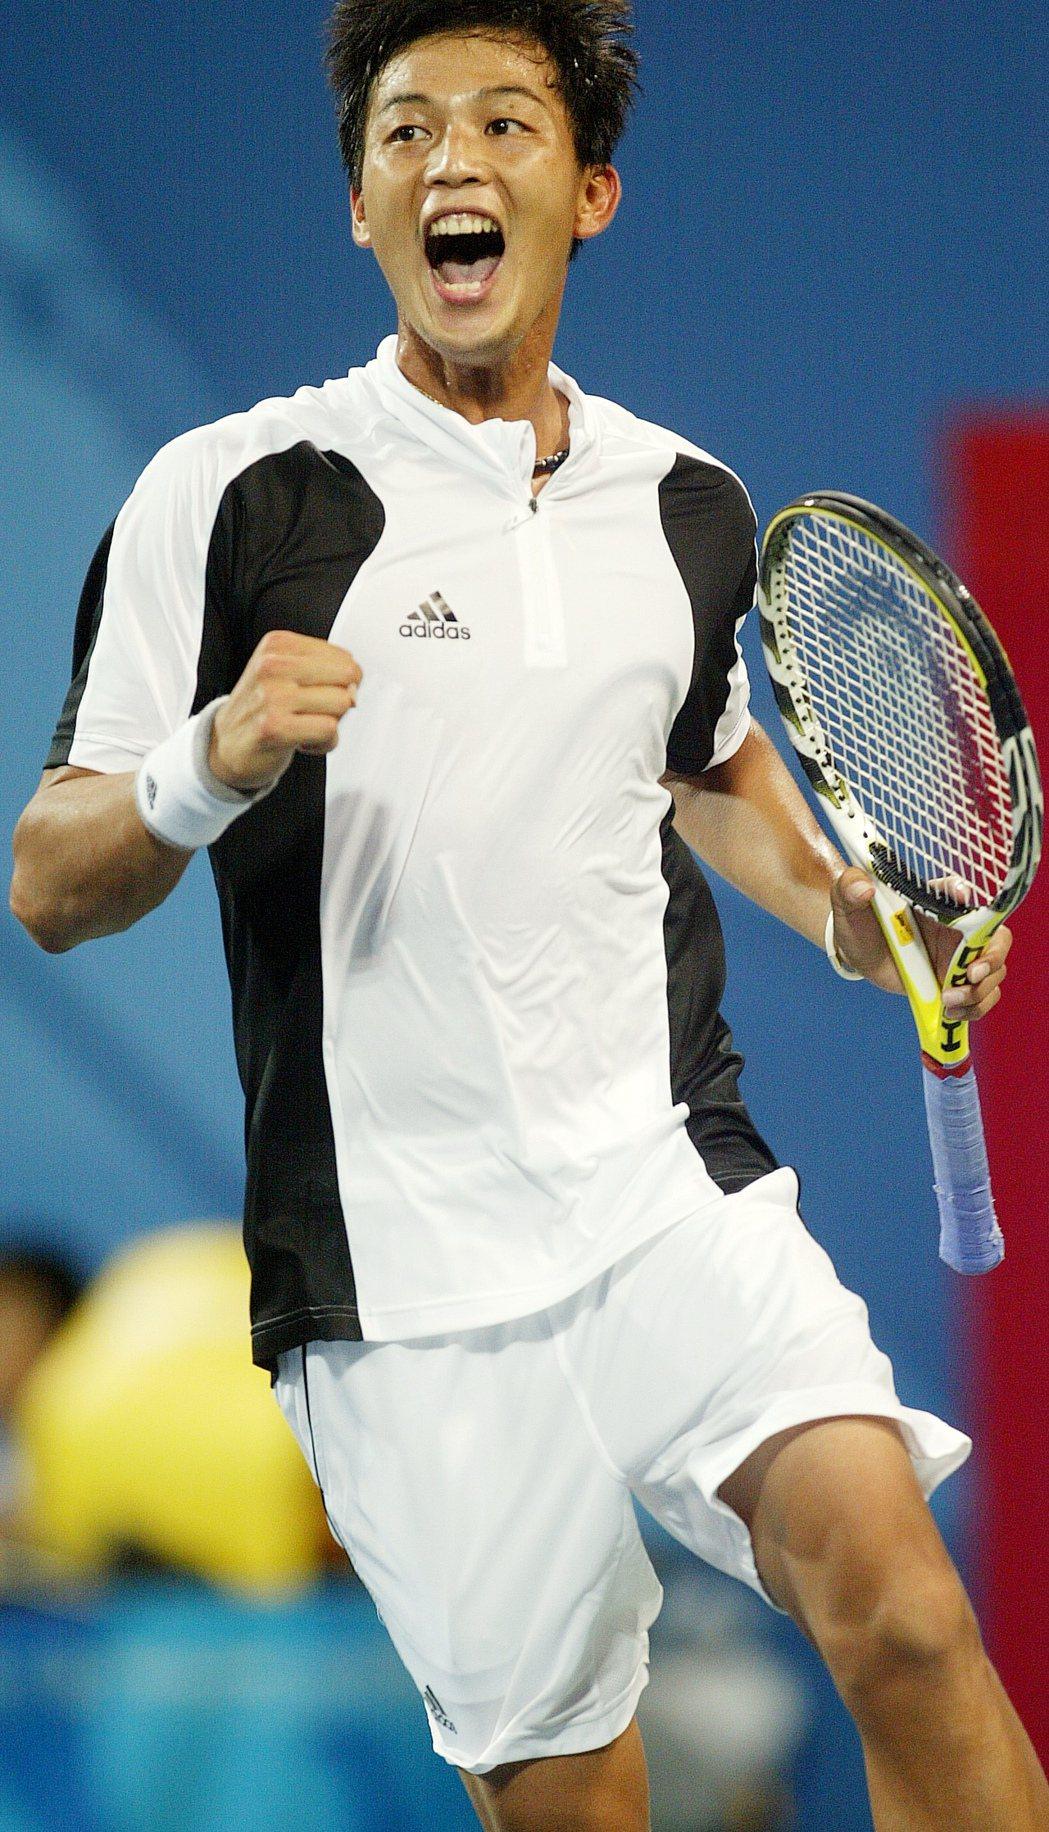 世界排名77的中華奧運網球選手盧彥勳在2008年北京奧運男單網球賽中,奮戰兩盤,...